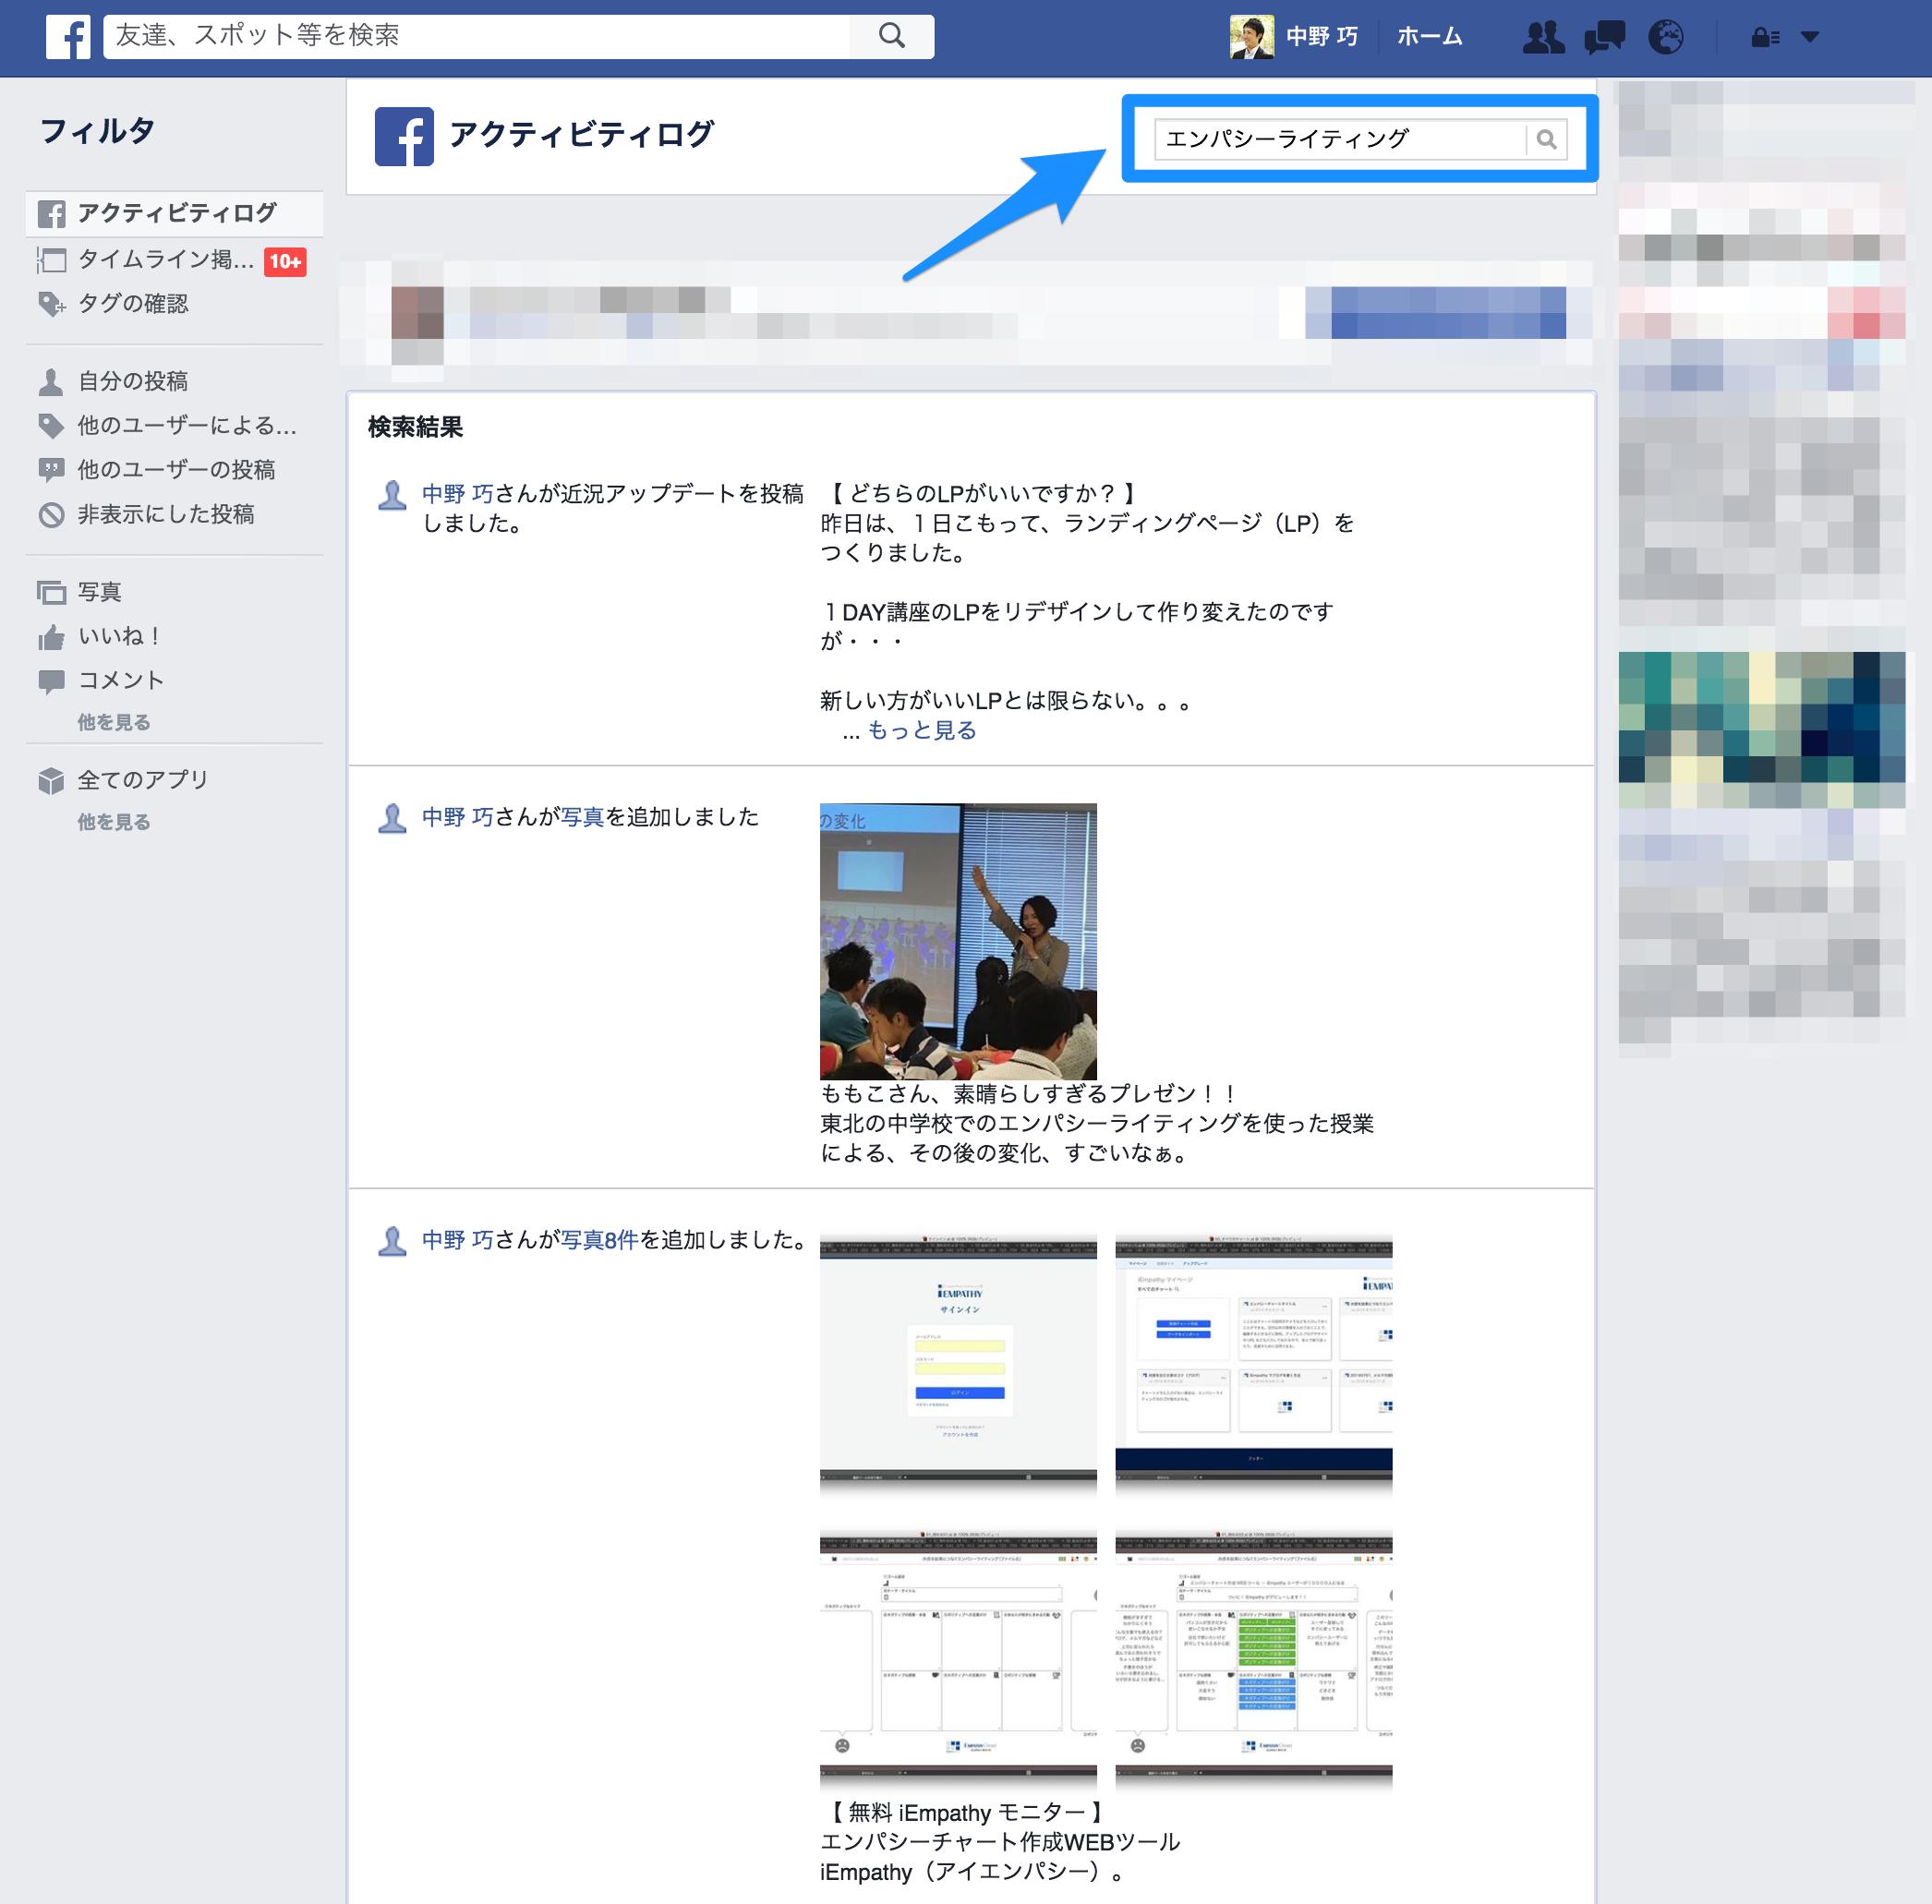 フェイスブックアクティビティ検索02